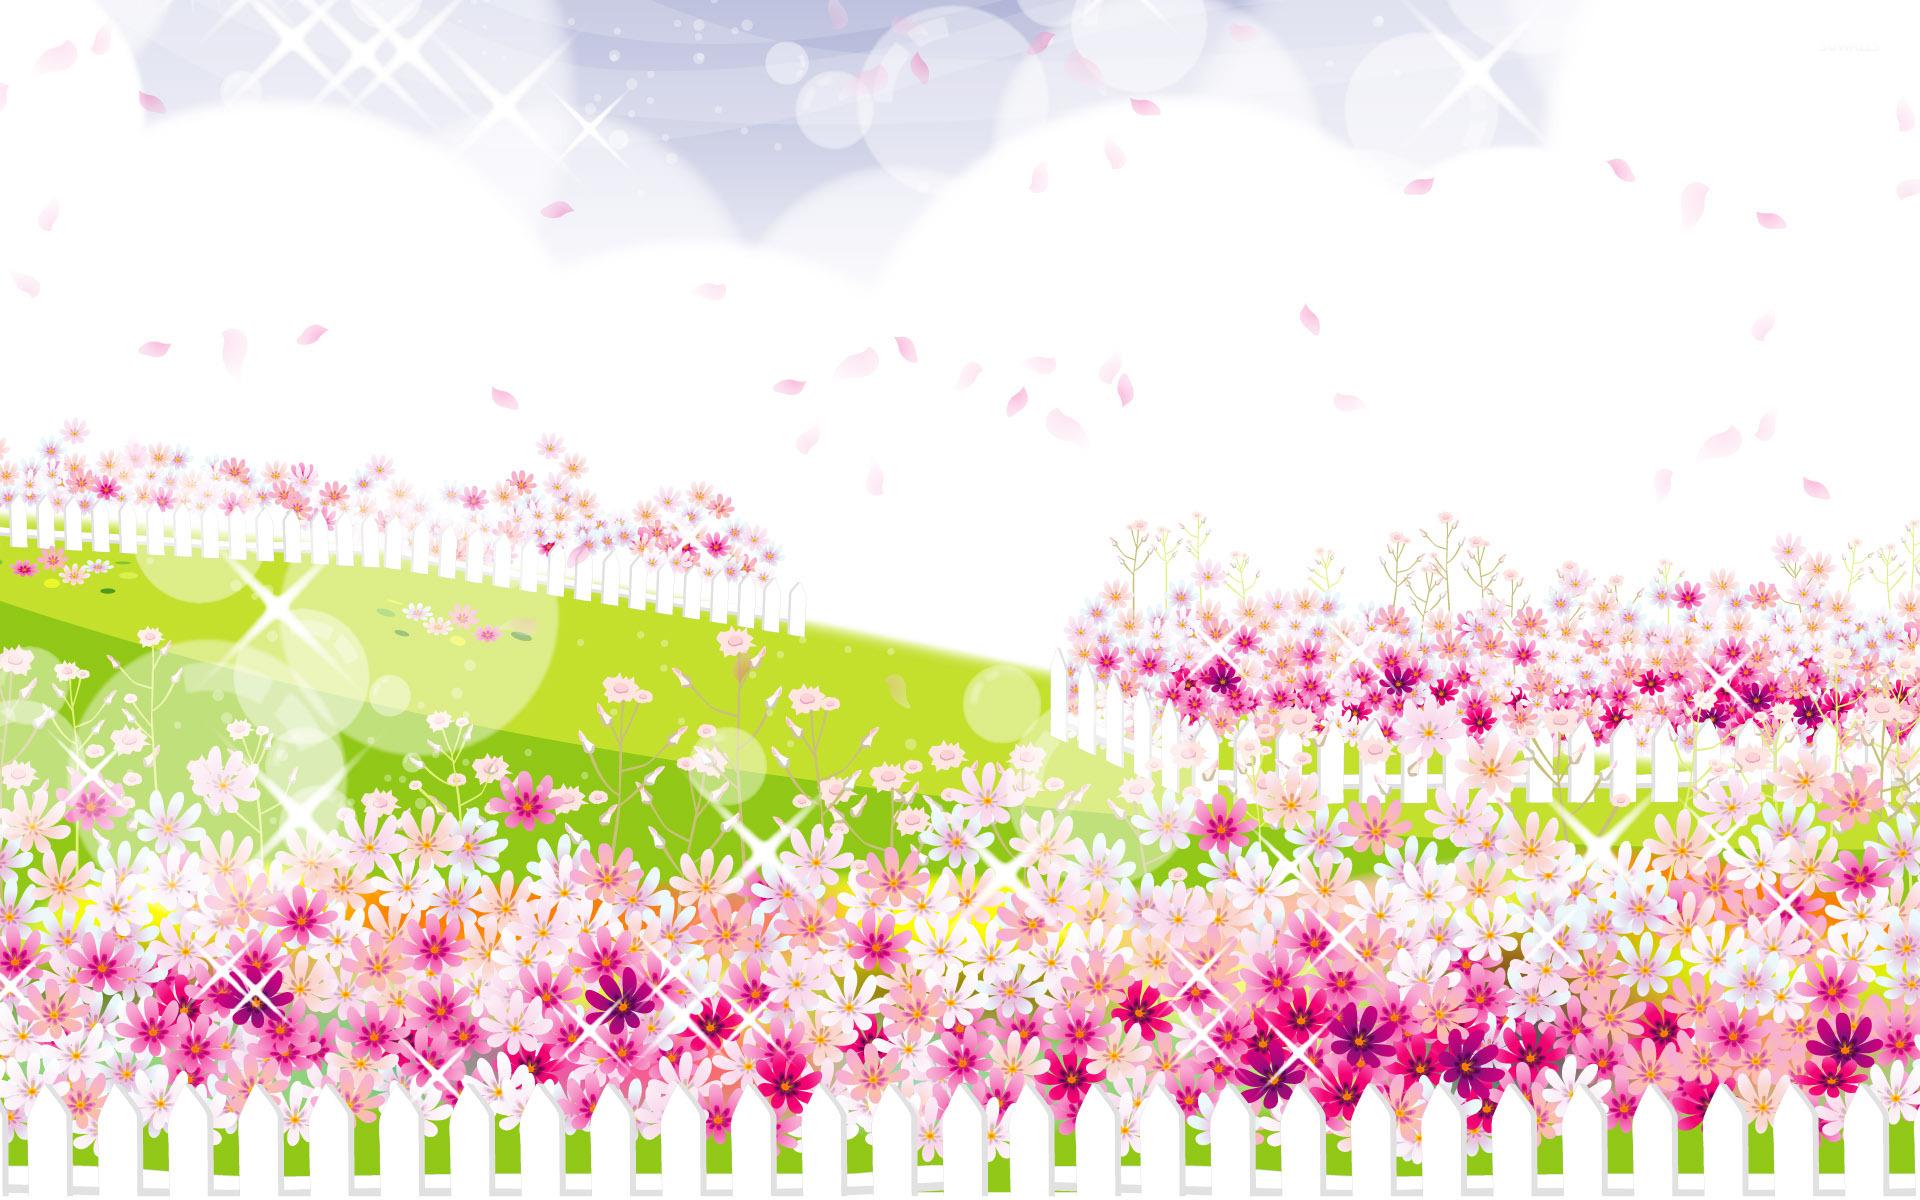 Flower garden cartoon - Pink Flower Garden Wallpaper